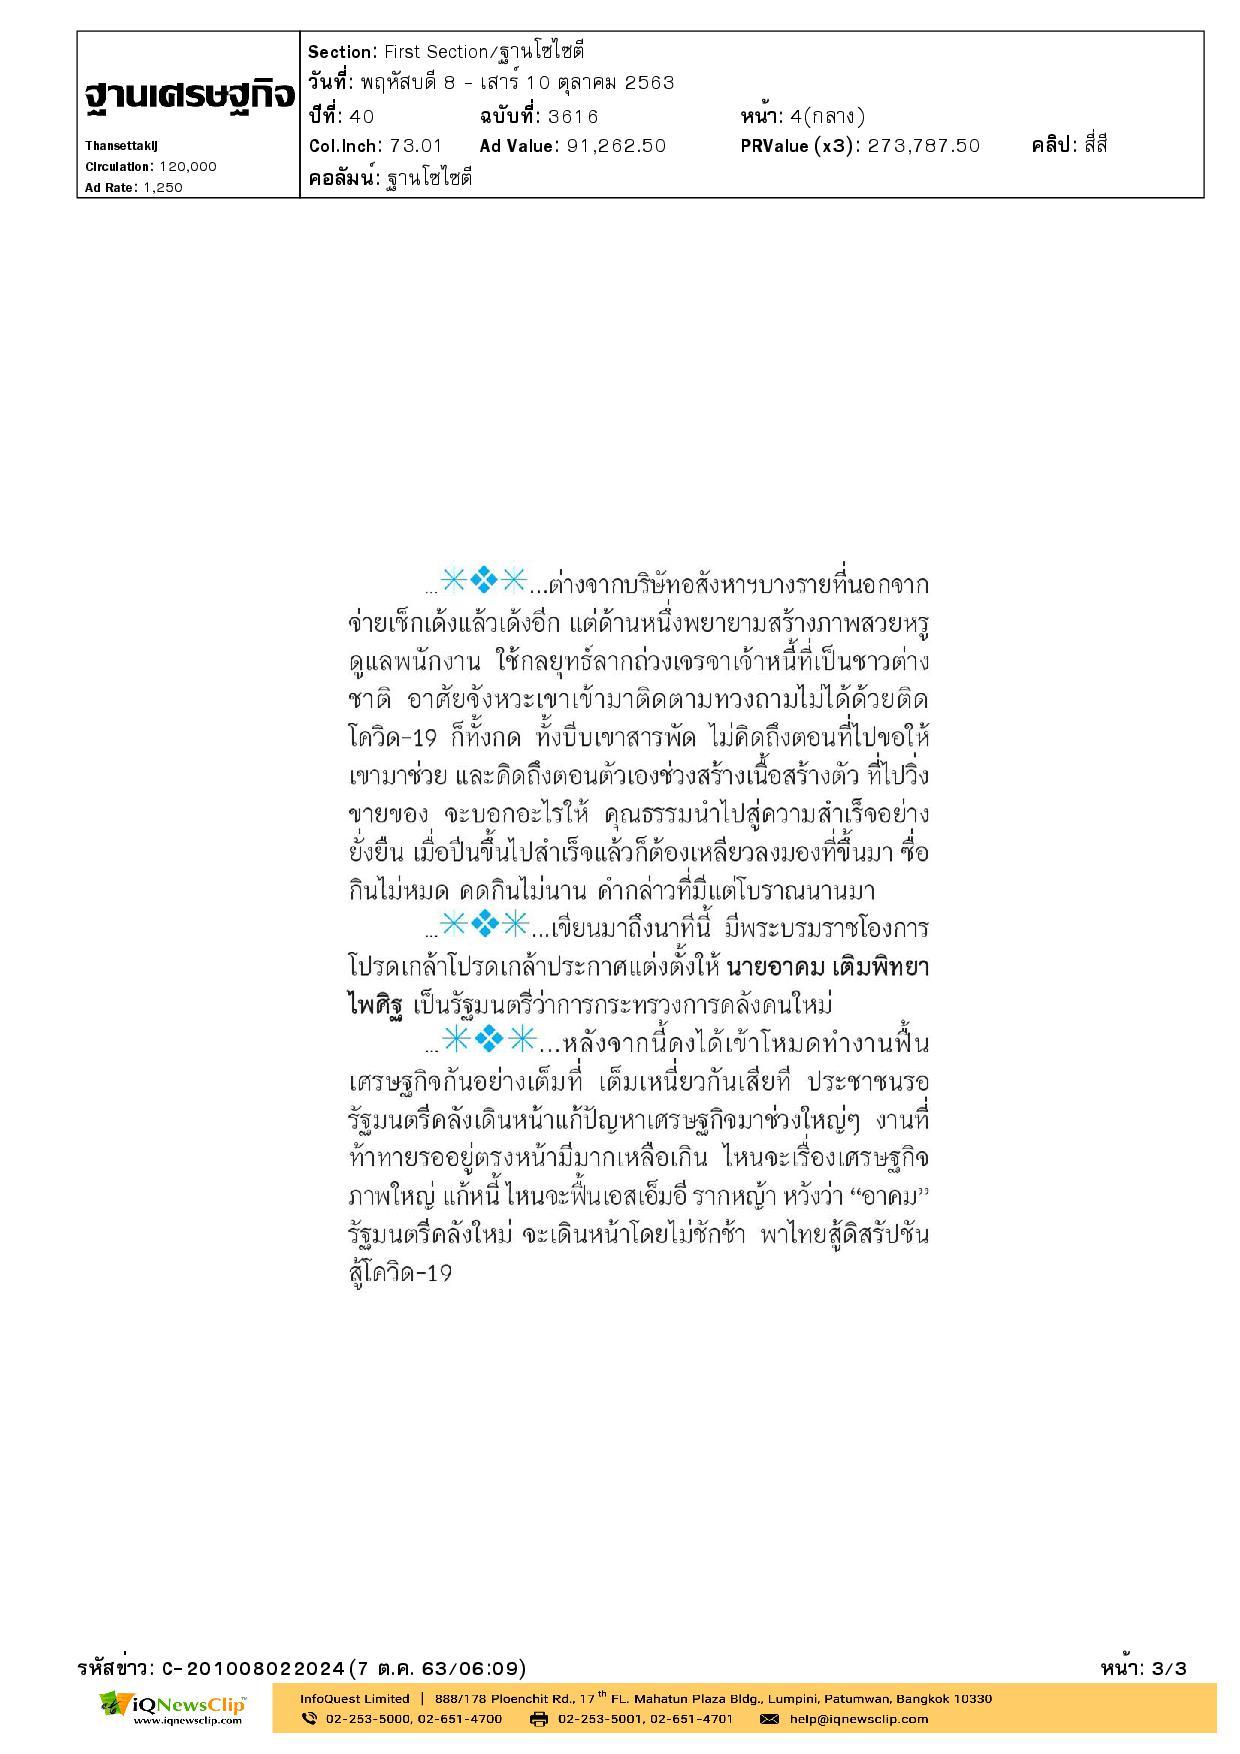 หมอ รพ.จุฬาฯ แนะนำ เรื่องโควิด-19